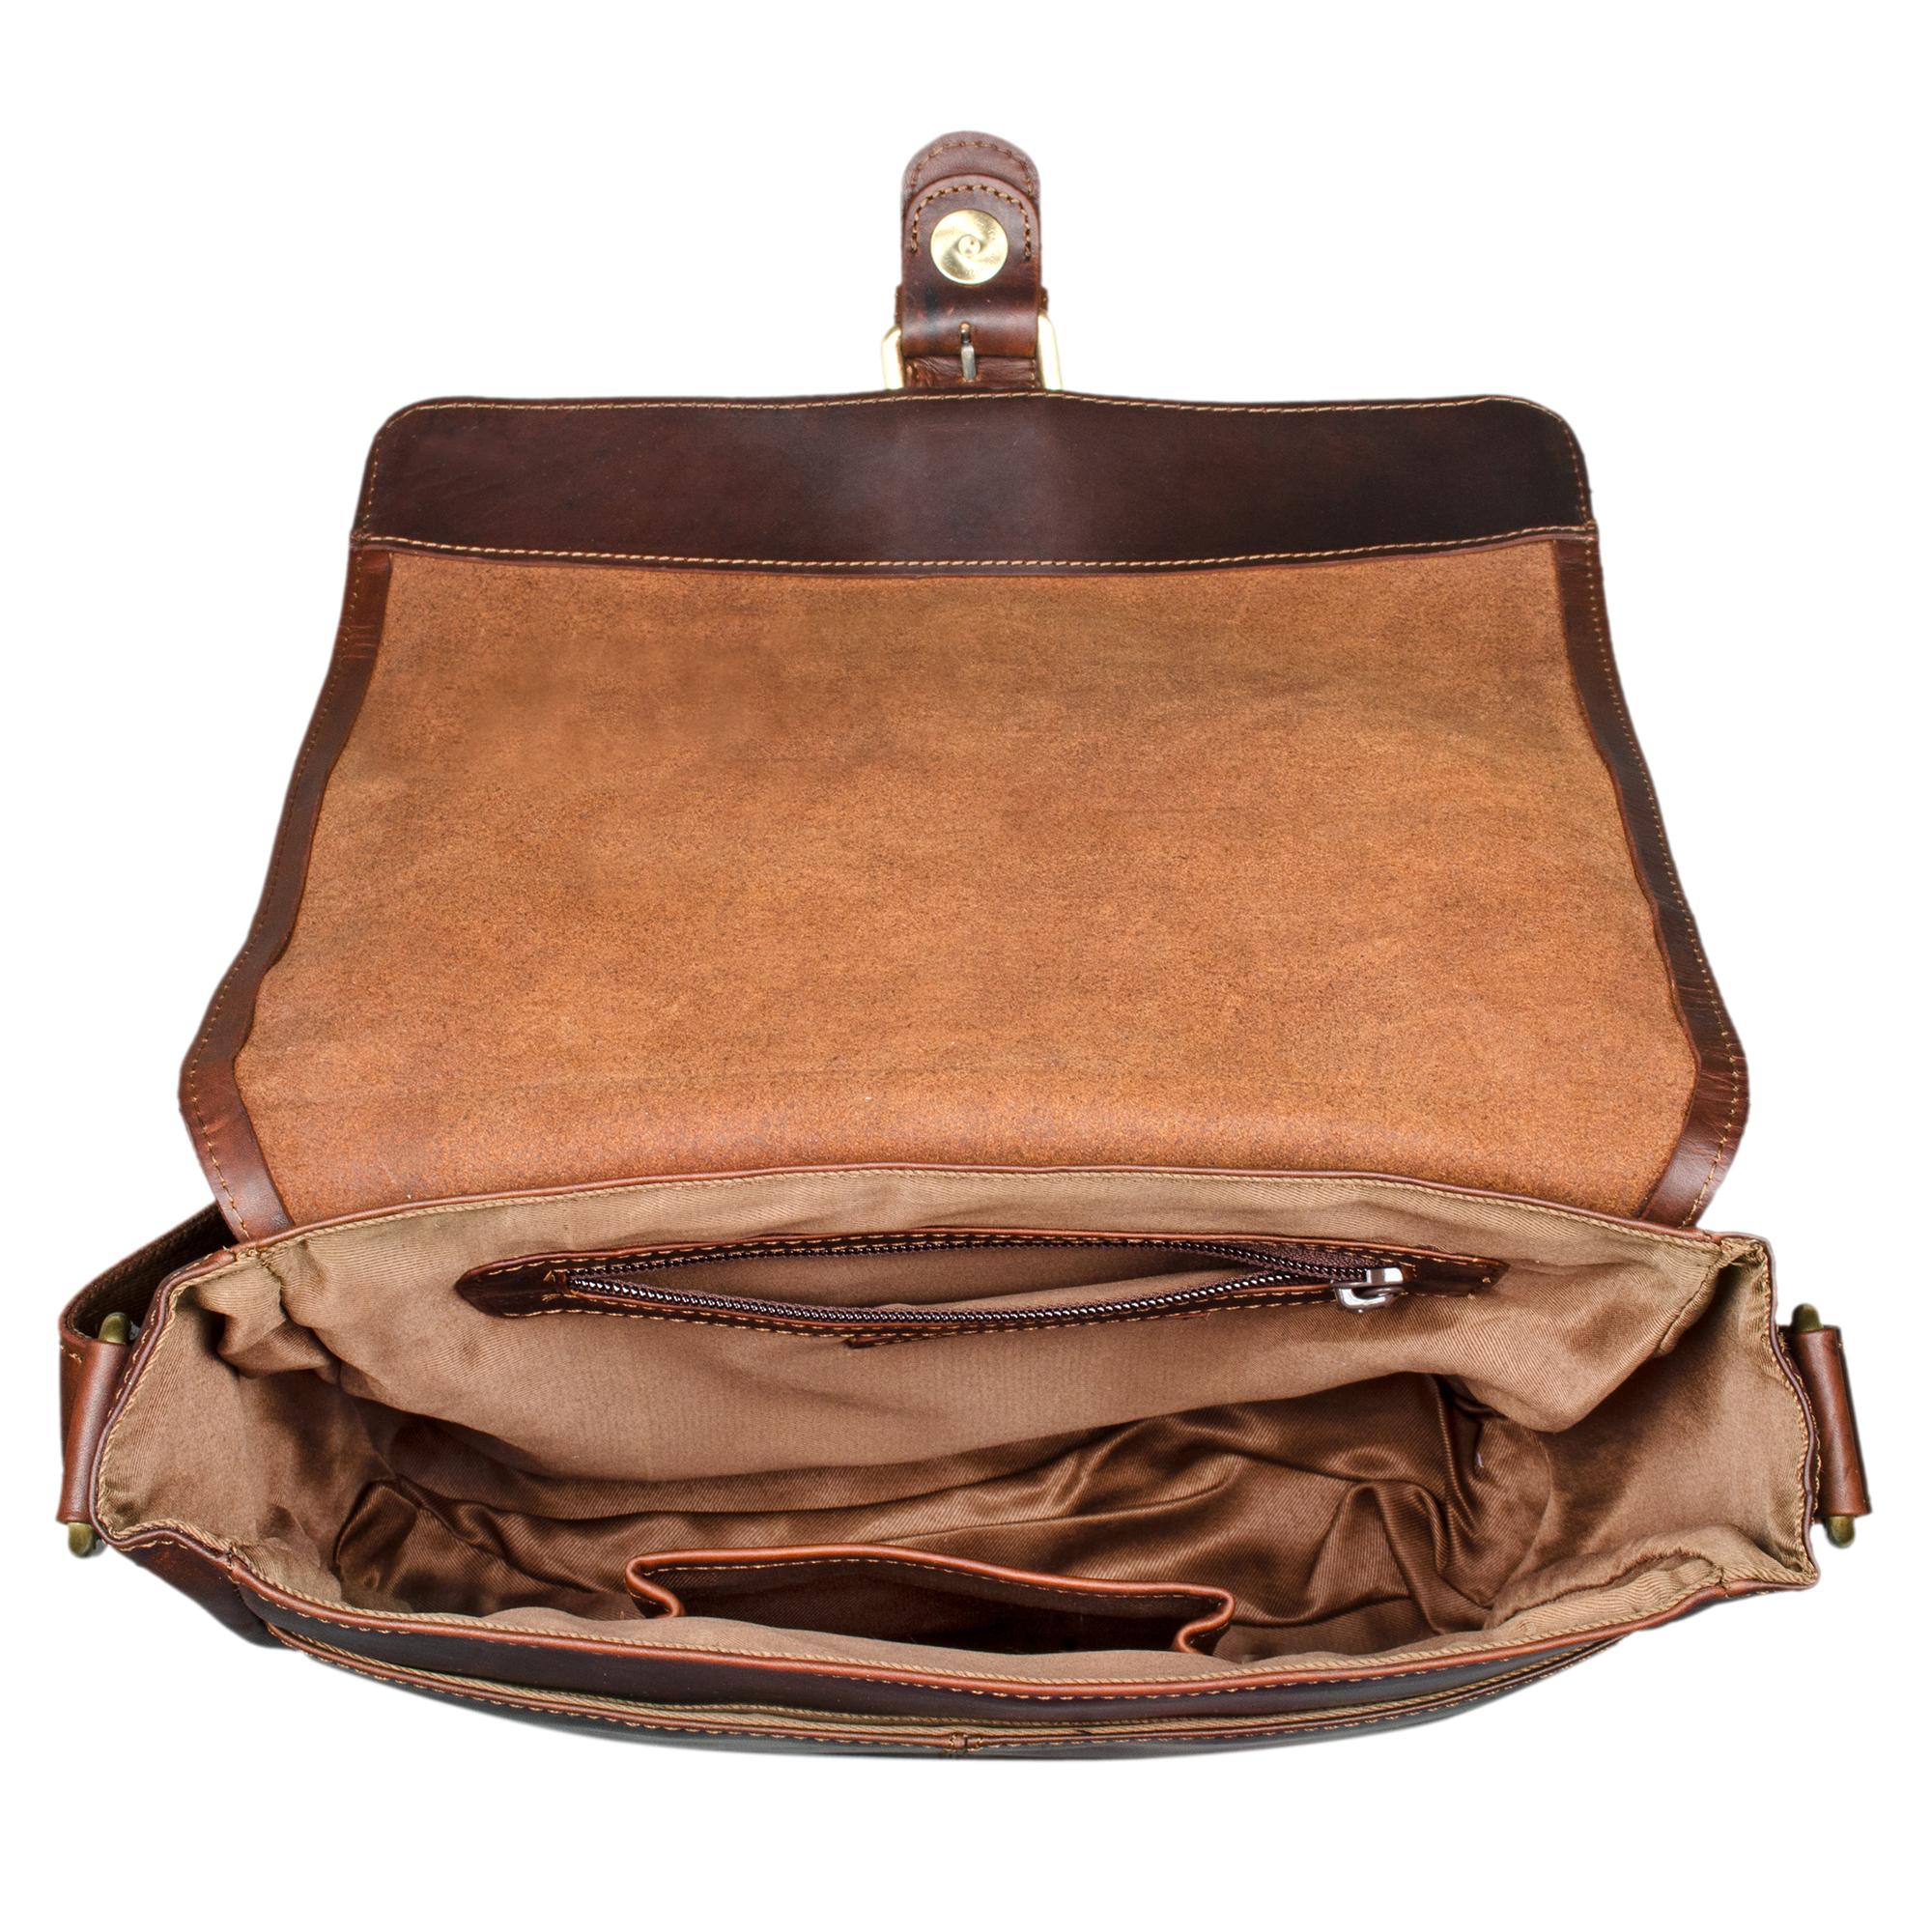 Herren Cross Body Bag Leder braun